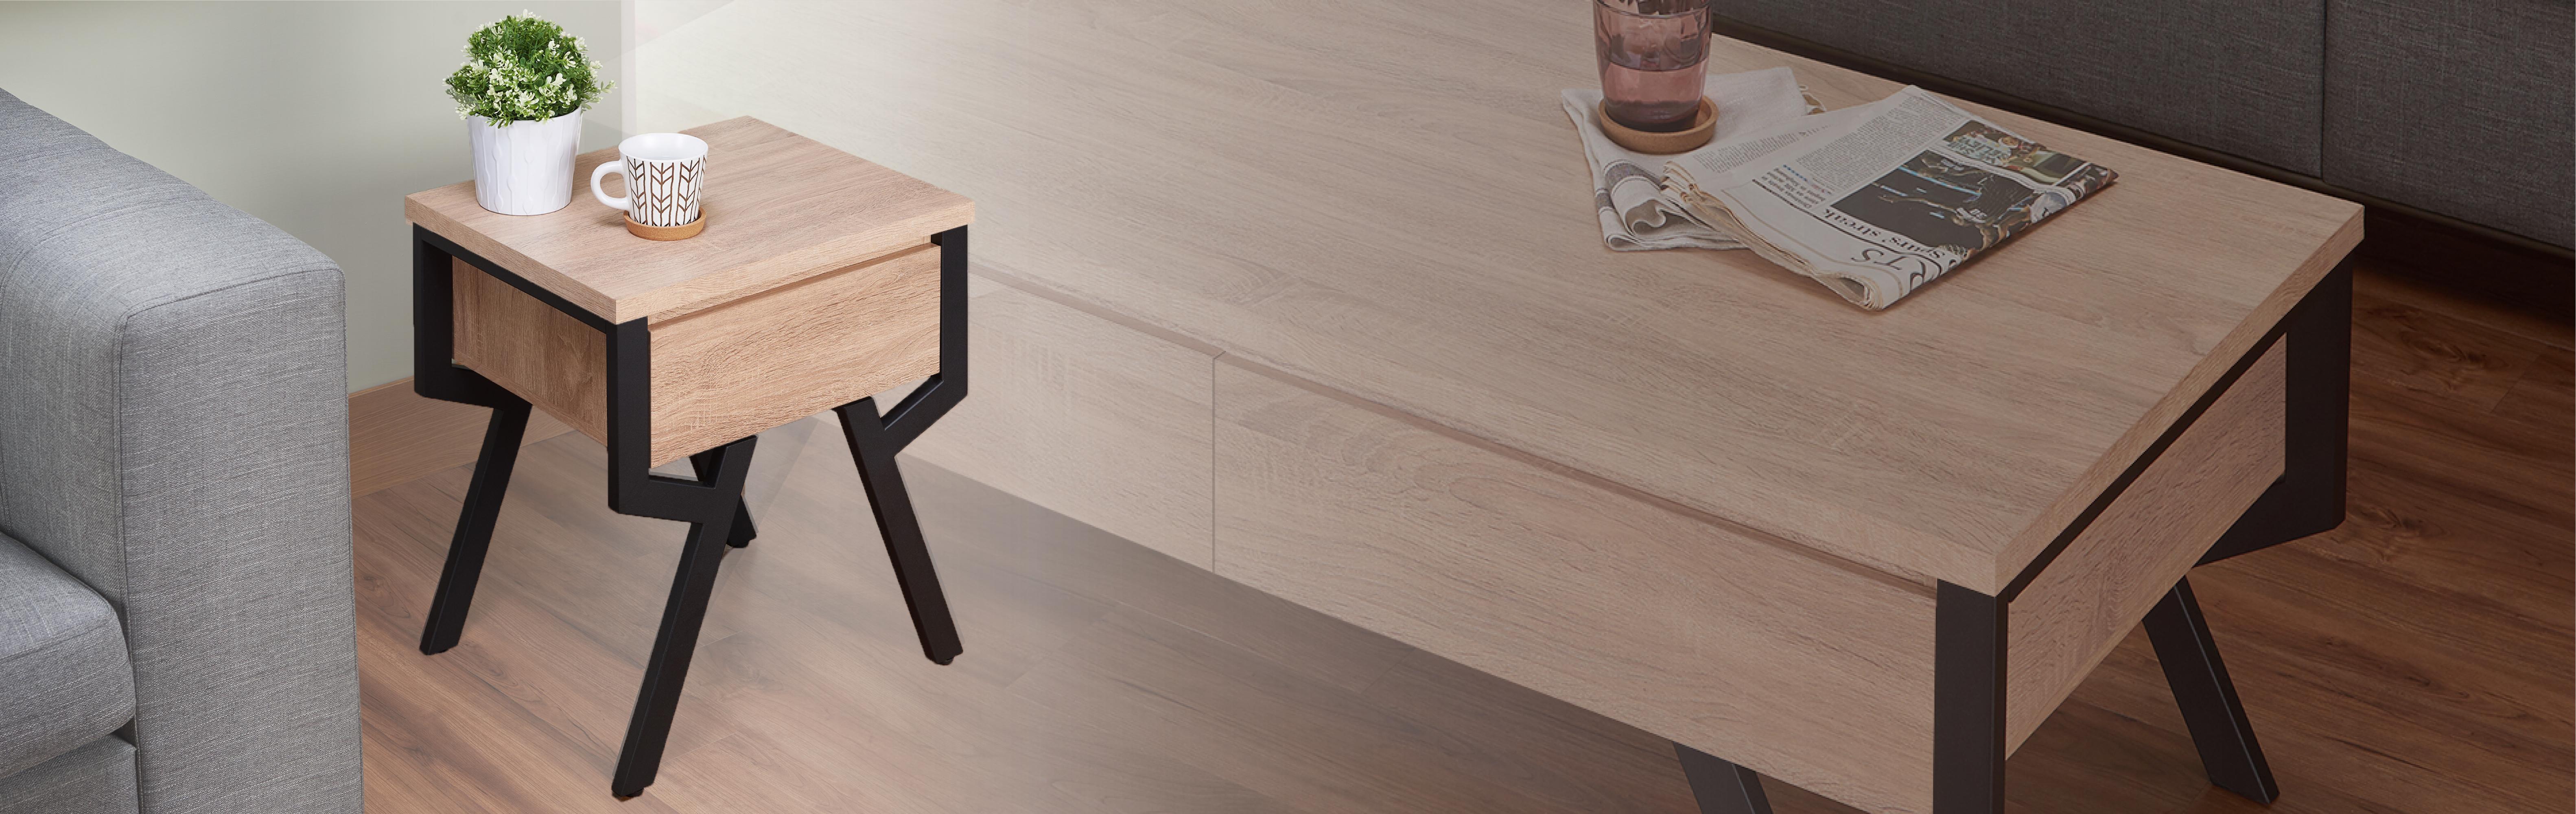 DIY家具メーカー